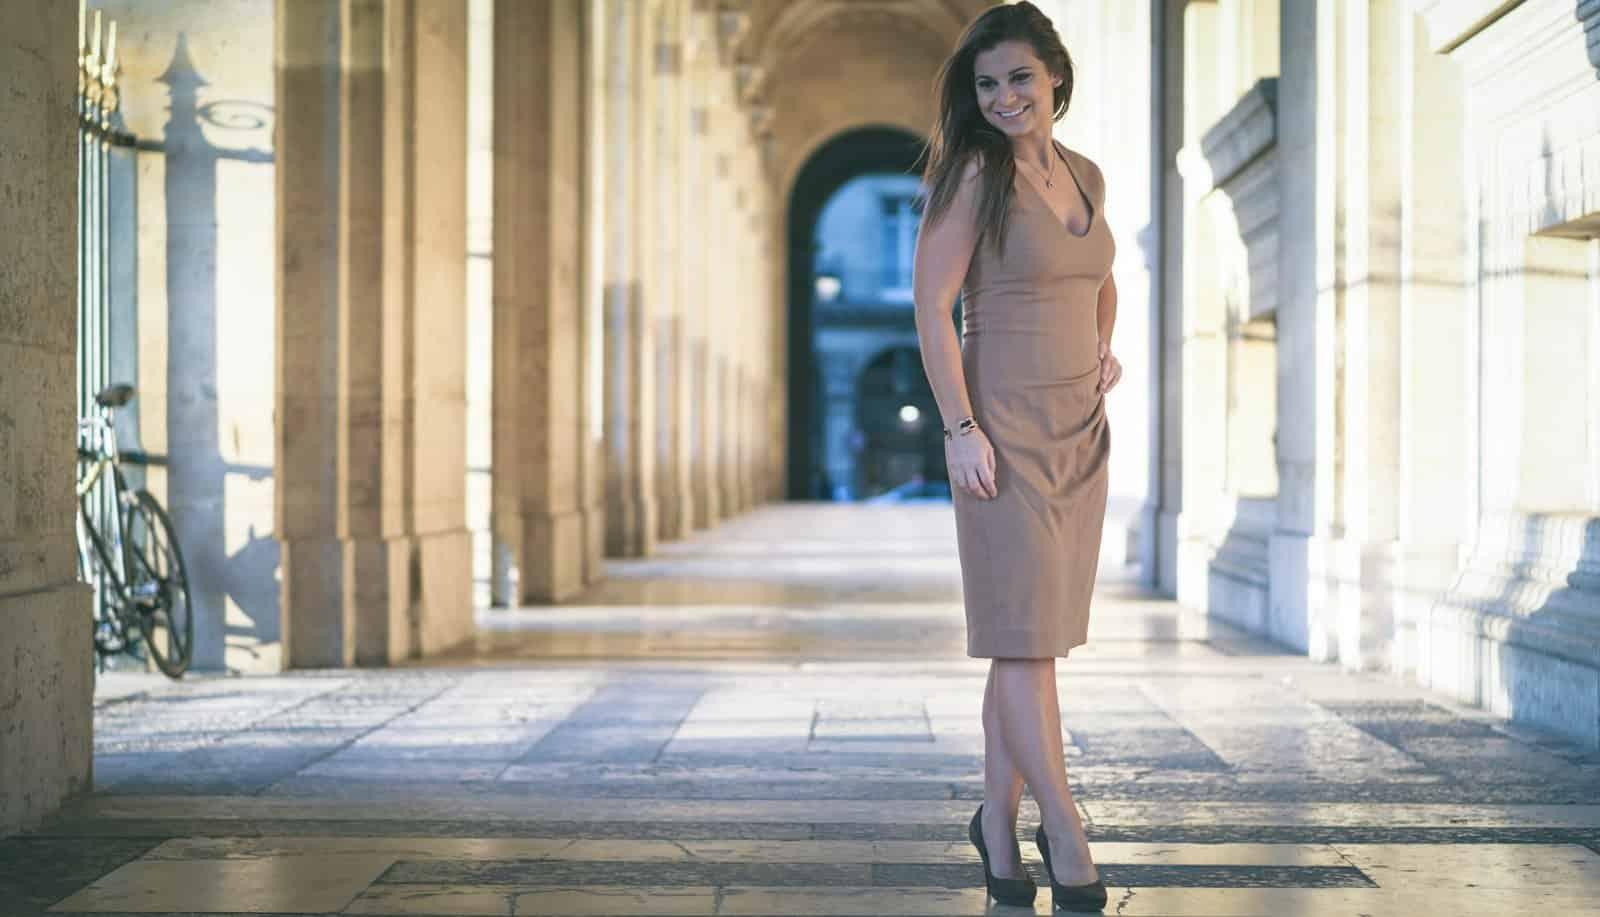 Petite in Paris ·Art Meets Fashion